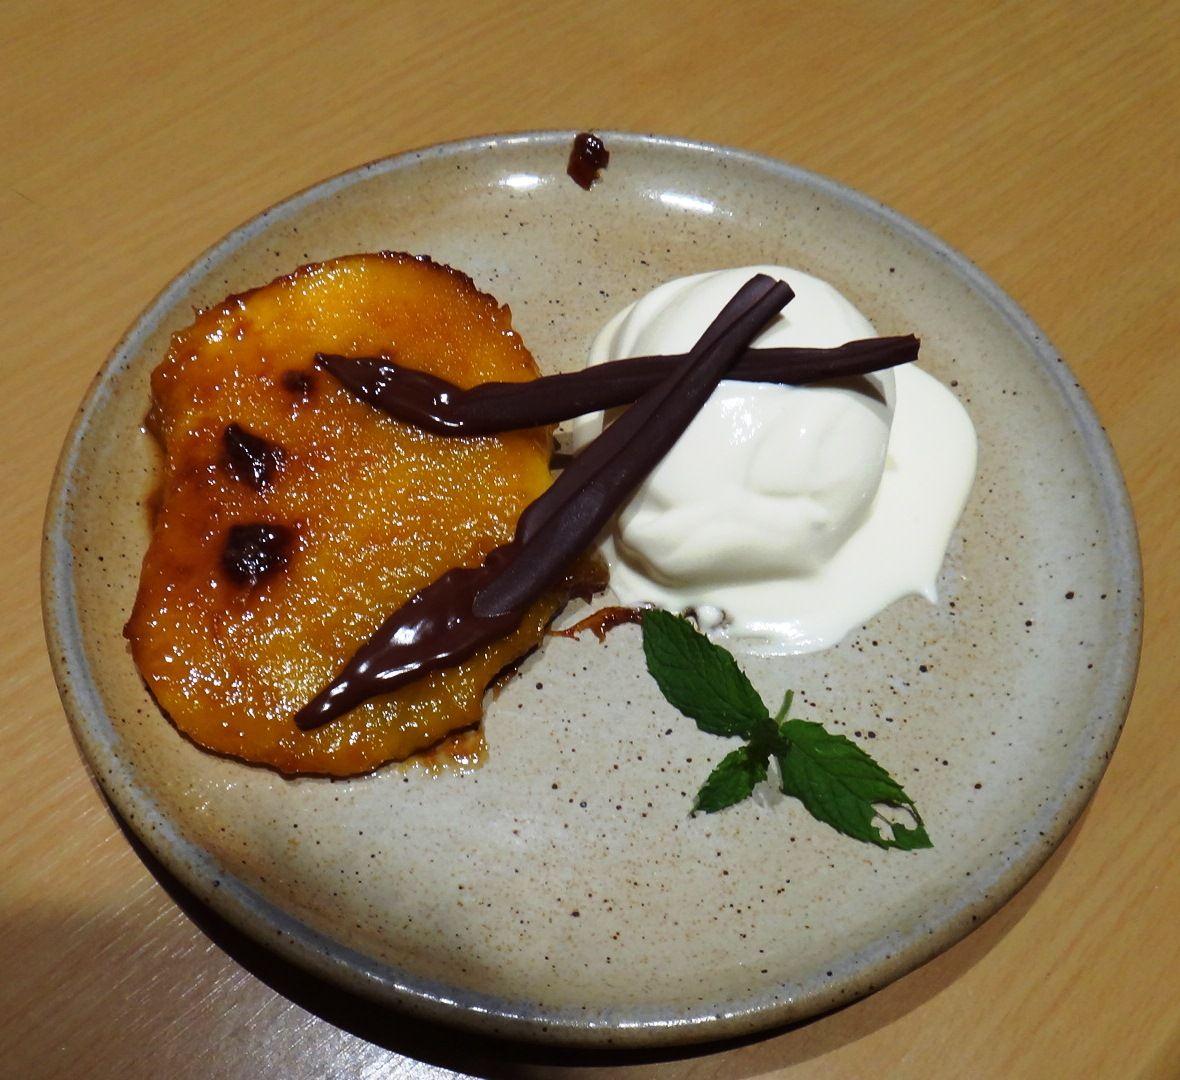 #Mangue #mango #chocolat #facil #sencillo #easy flambé sur http://on.fb.me/1a3QtQZ